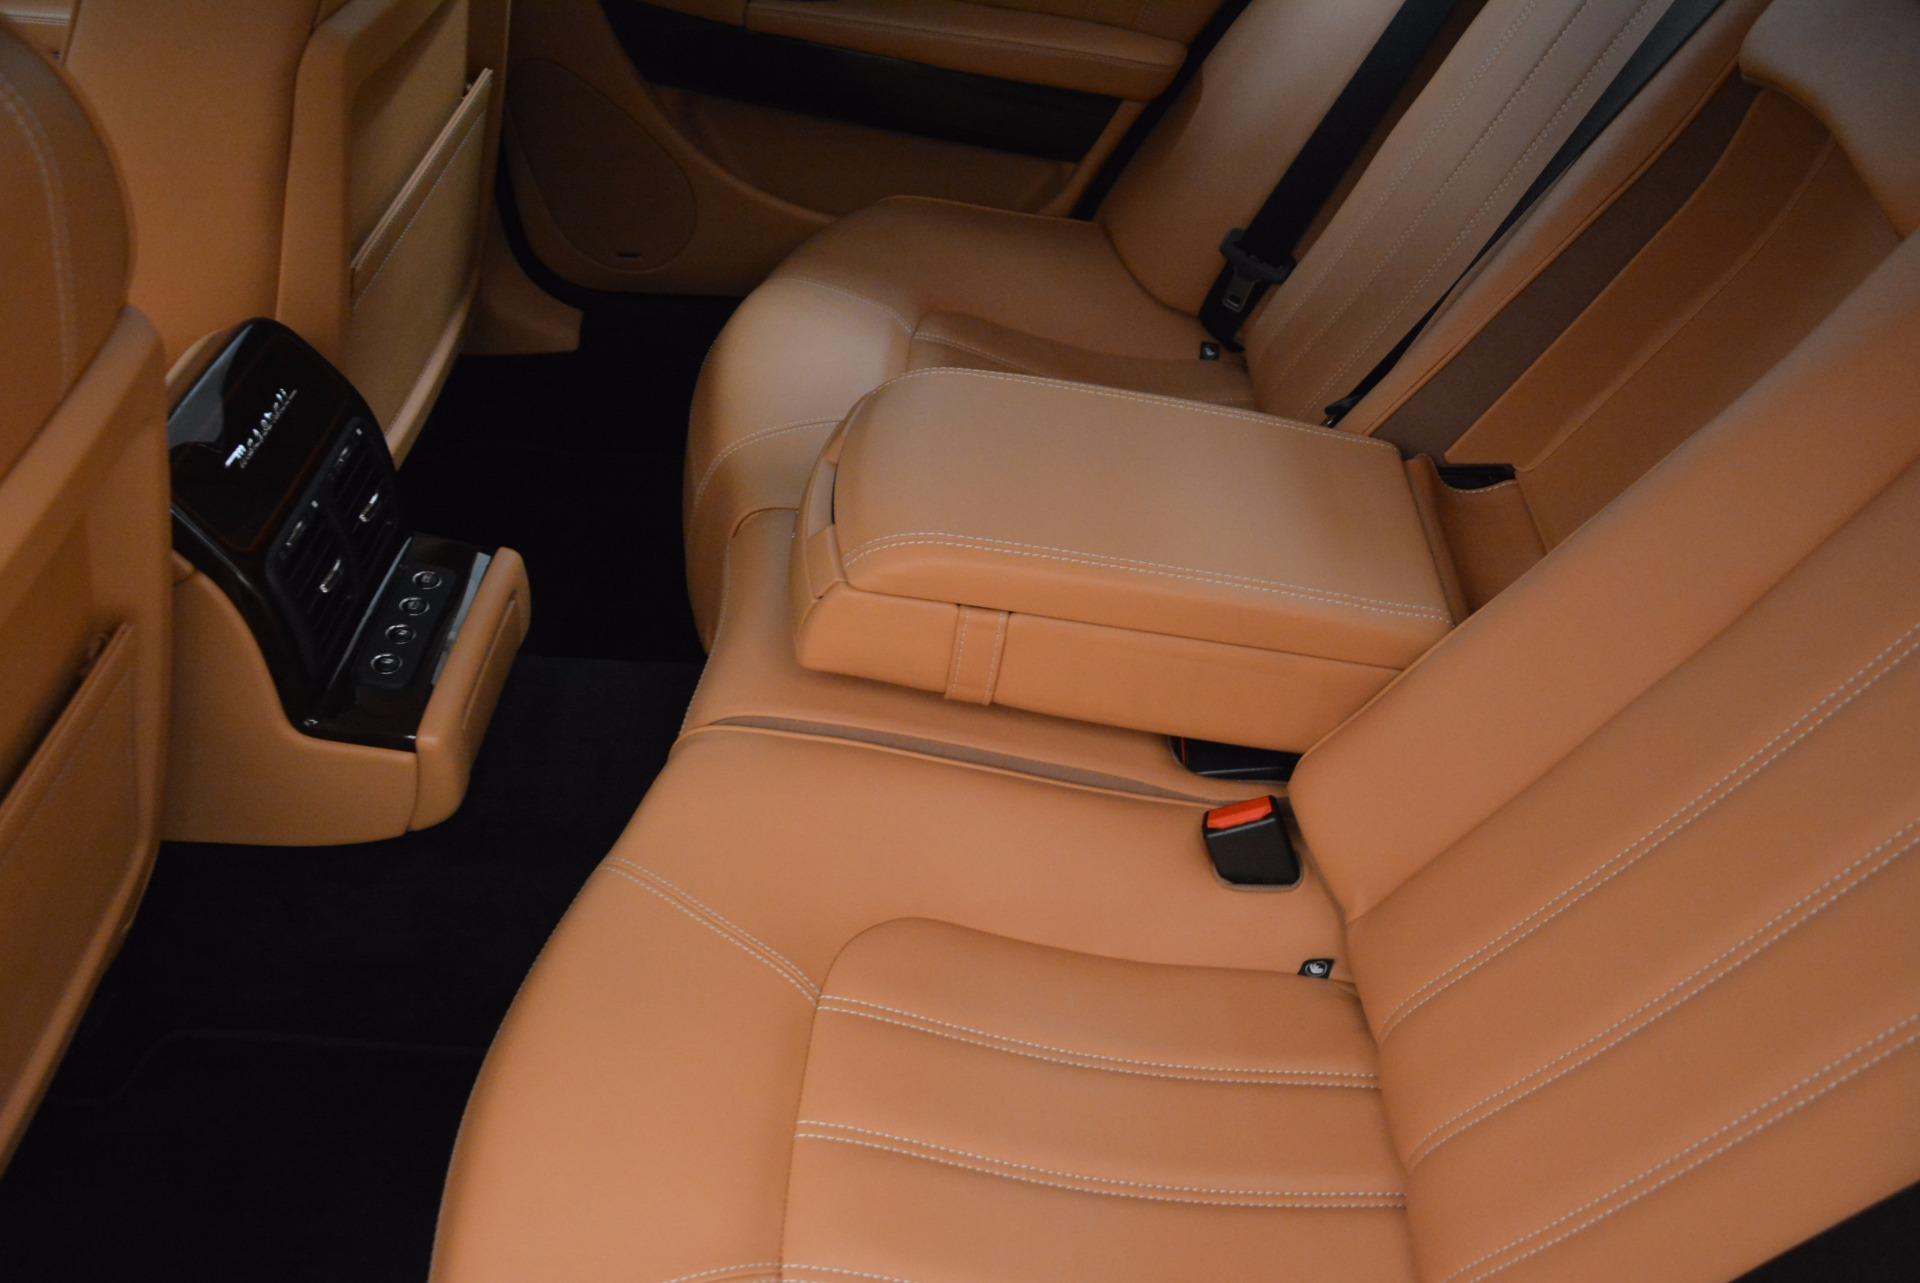 Used 2010 Maserati Quattroporte S For Sale In Greenwich, CT. Alfa Romeo of Greenwich, 7279 1551_p31